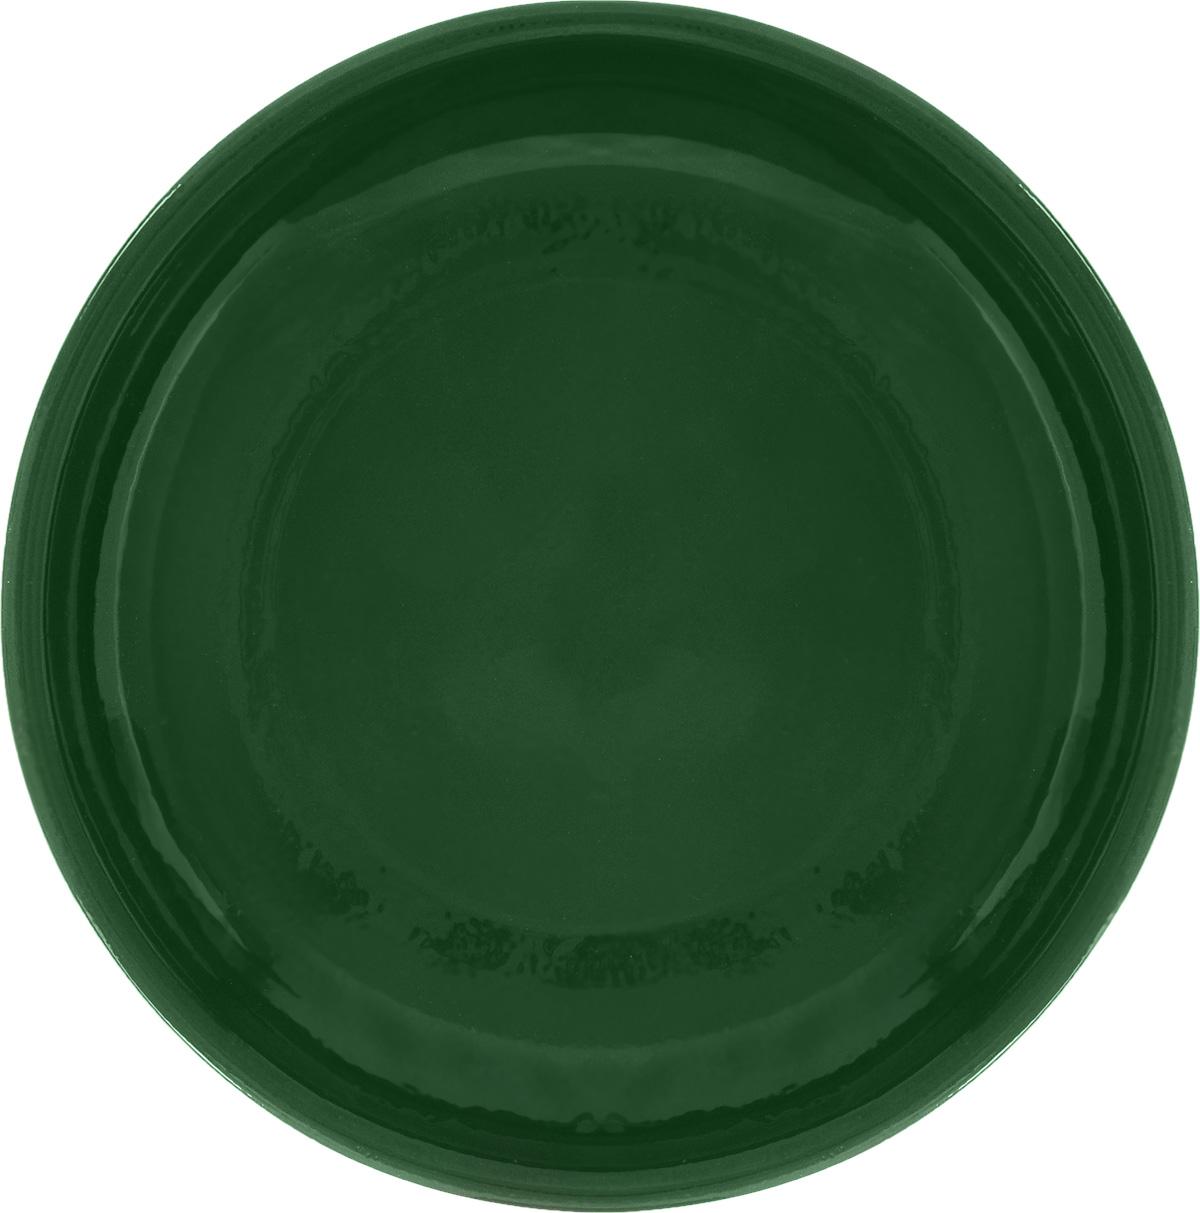 Тарелка Борисовская керамика Радуга, цвет: зеленый, диаметр 18 смРАД00000458_зеленыйТарелка Борисовская керамика Радуга, изготовленная из глины, имеет изысканный внешний вид. Лаконичный дизайн придется по вкусу и ценителям классики, и тем, кто предпочитает утонченность. Такая тарелка идеально подойдет для сервировки стола, а также для запекания вторых блюд в духовке. Тарелка Борисовская керамика Радуга впишется в любой интерьер современной кухни и станет отличным подарком для вас и ваших близких. Можно использовать в микроволновой печи и духовке. Диаметр (по верхнему краю): 18 см.